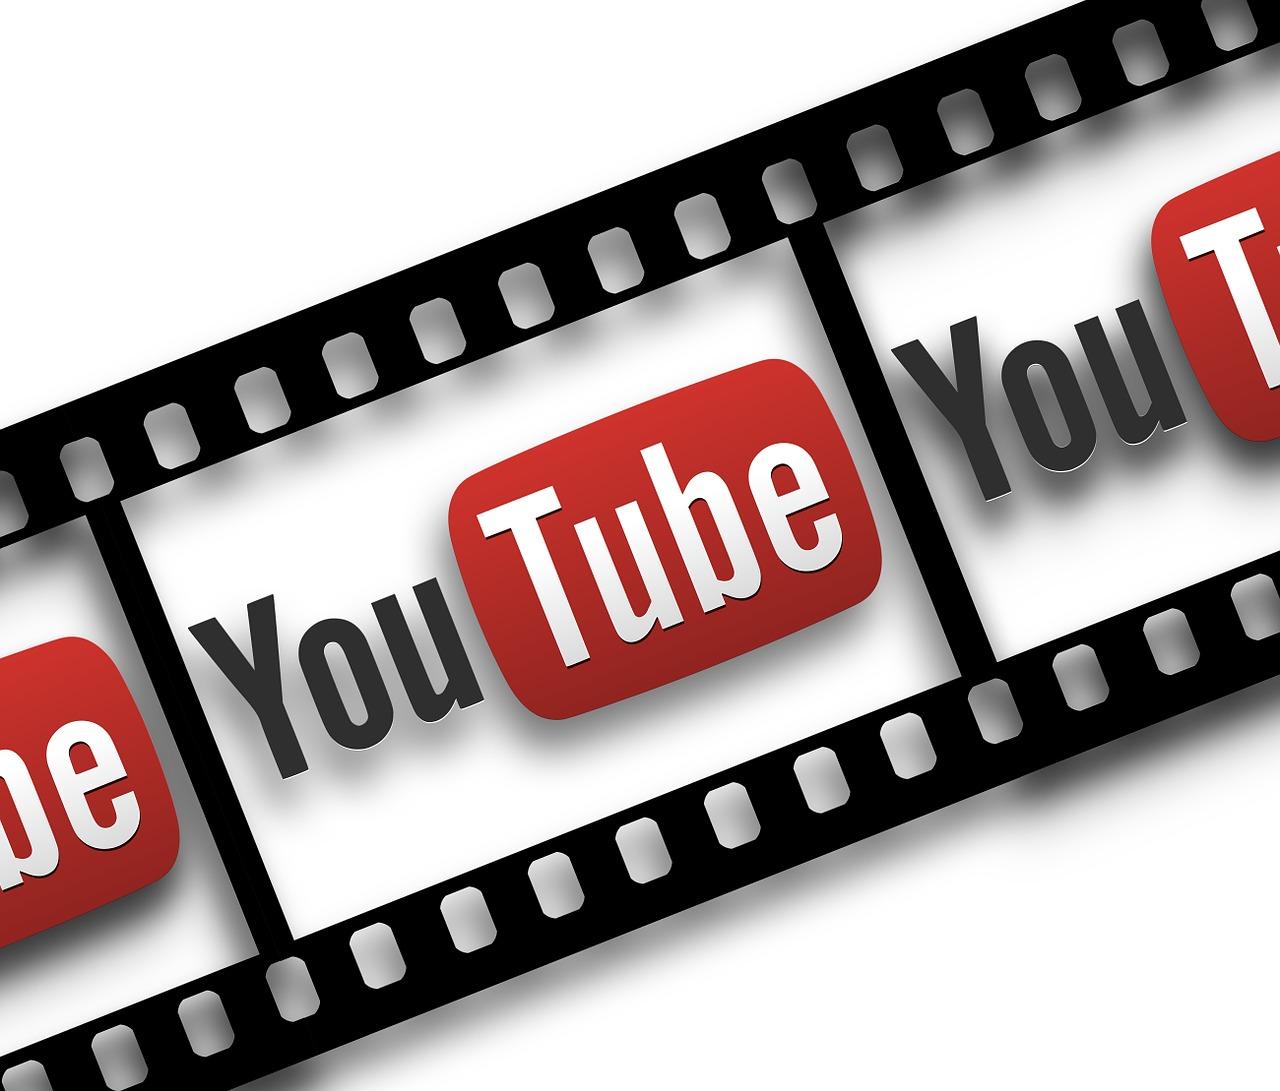 #Kaku: escucha música en línea desde #YouTube con este reproductor